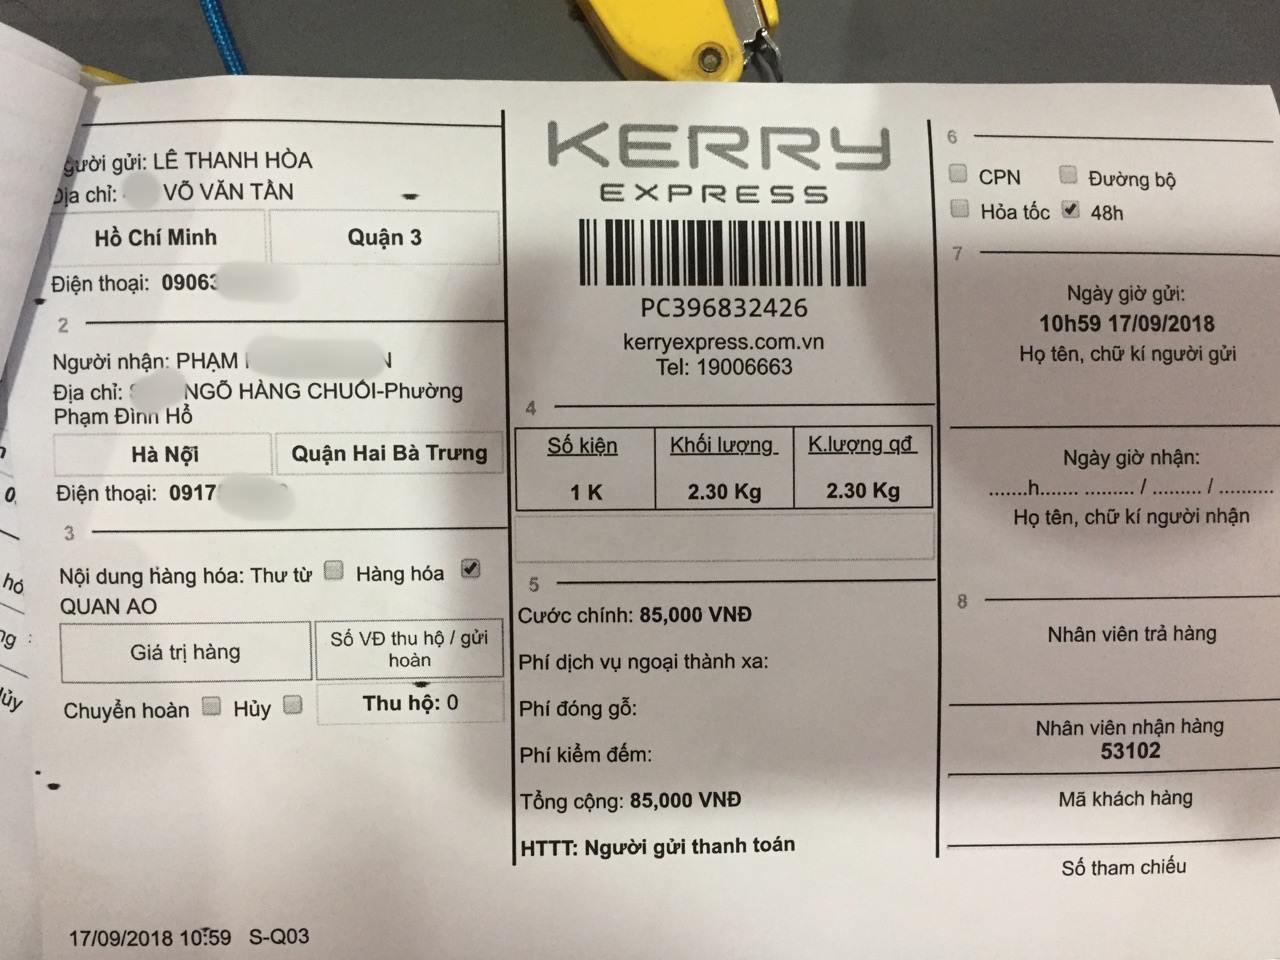 NTK Lê Thanh Hòa bức xúc vì công ty Kerry Express làm thất lạc gói bưu phẩm trị giá hơn 65 triệu đồng, nhưng chỉ đền 320k - Ảnh 4.